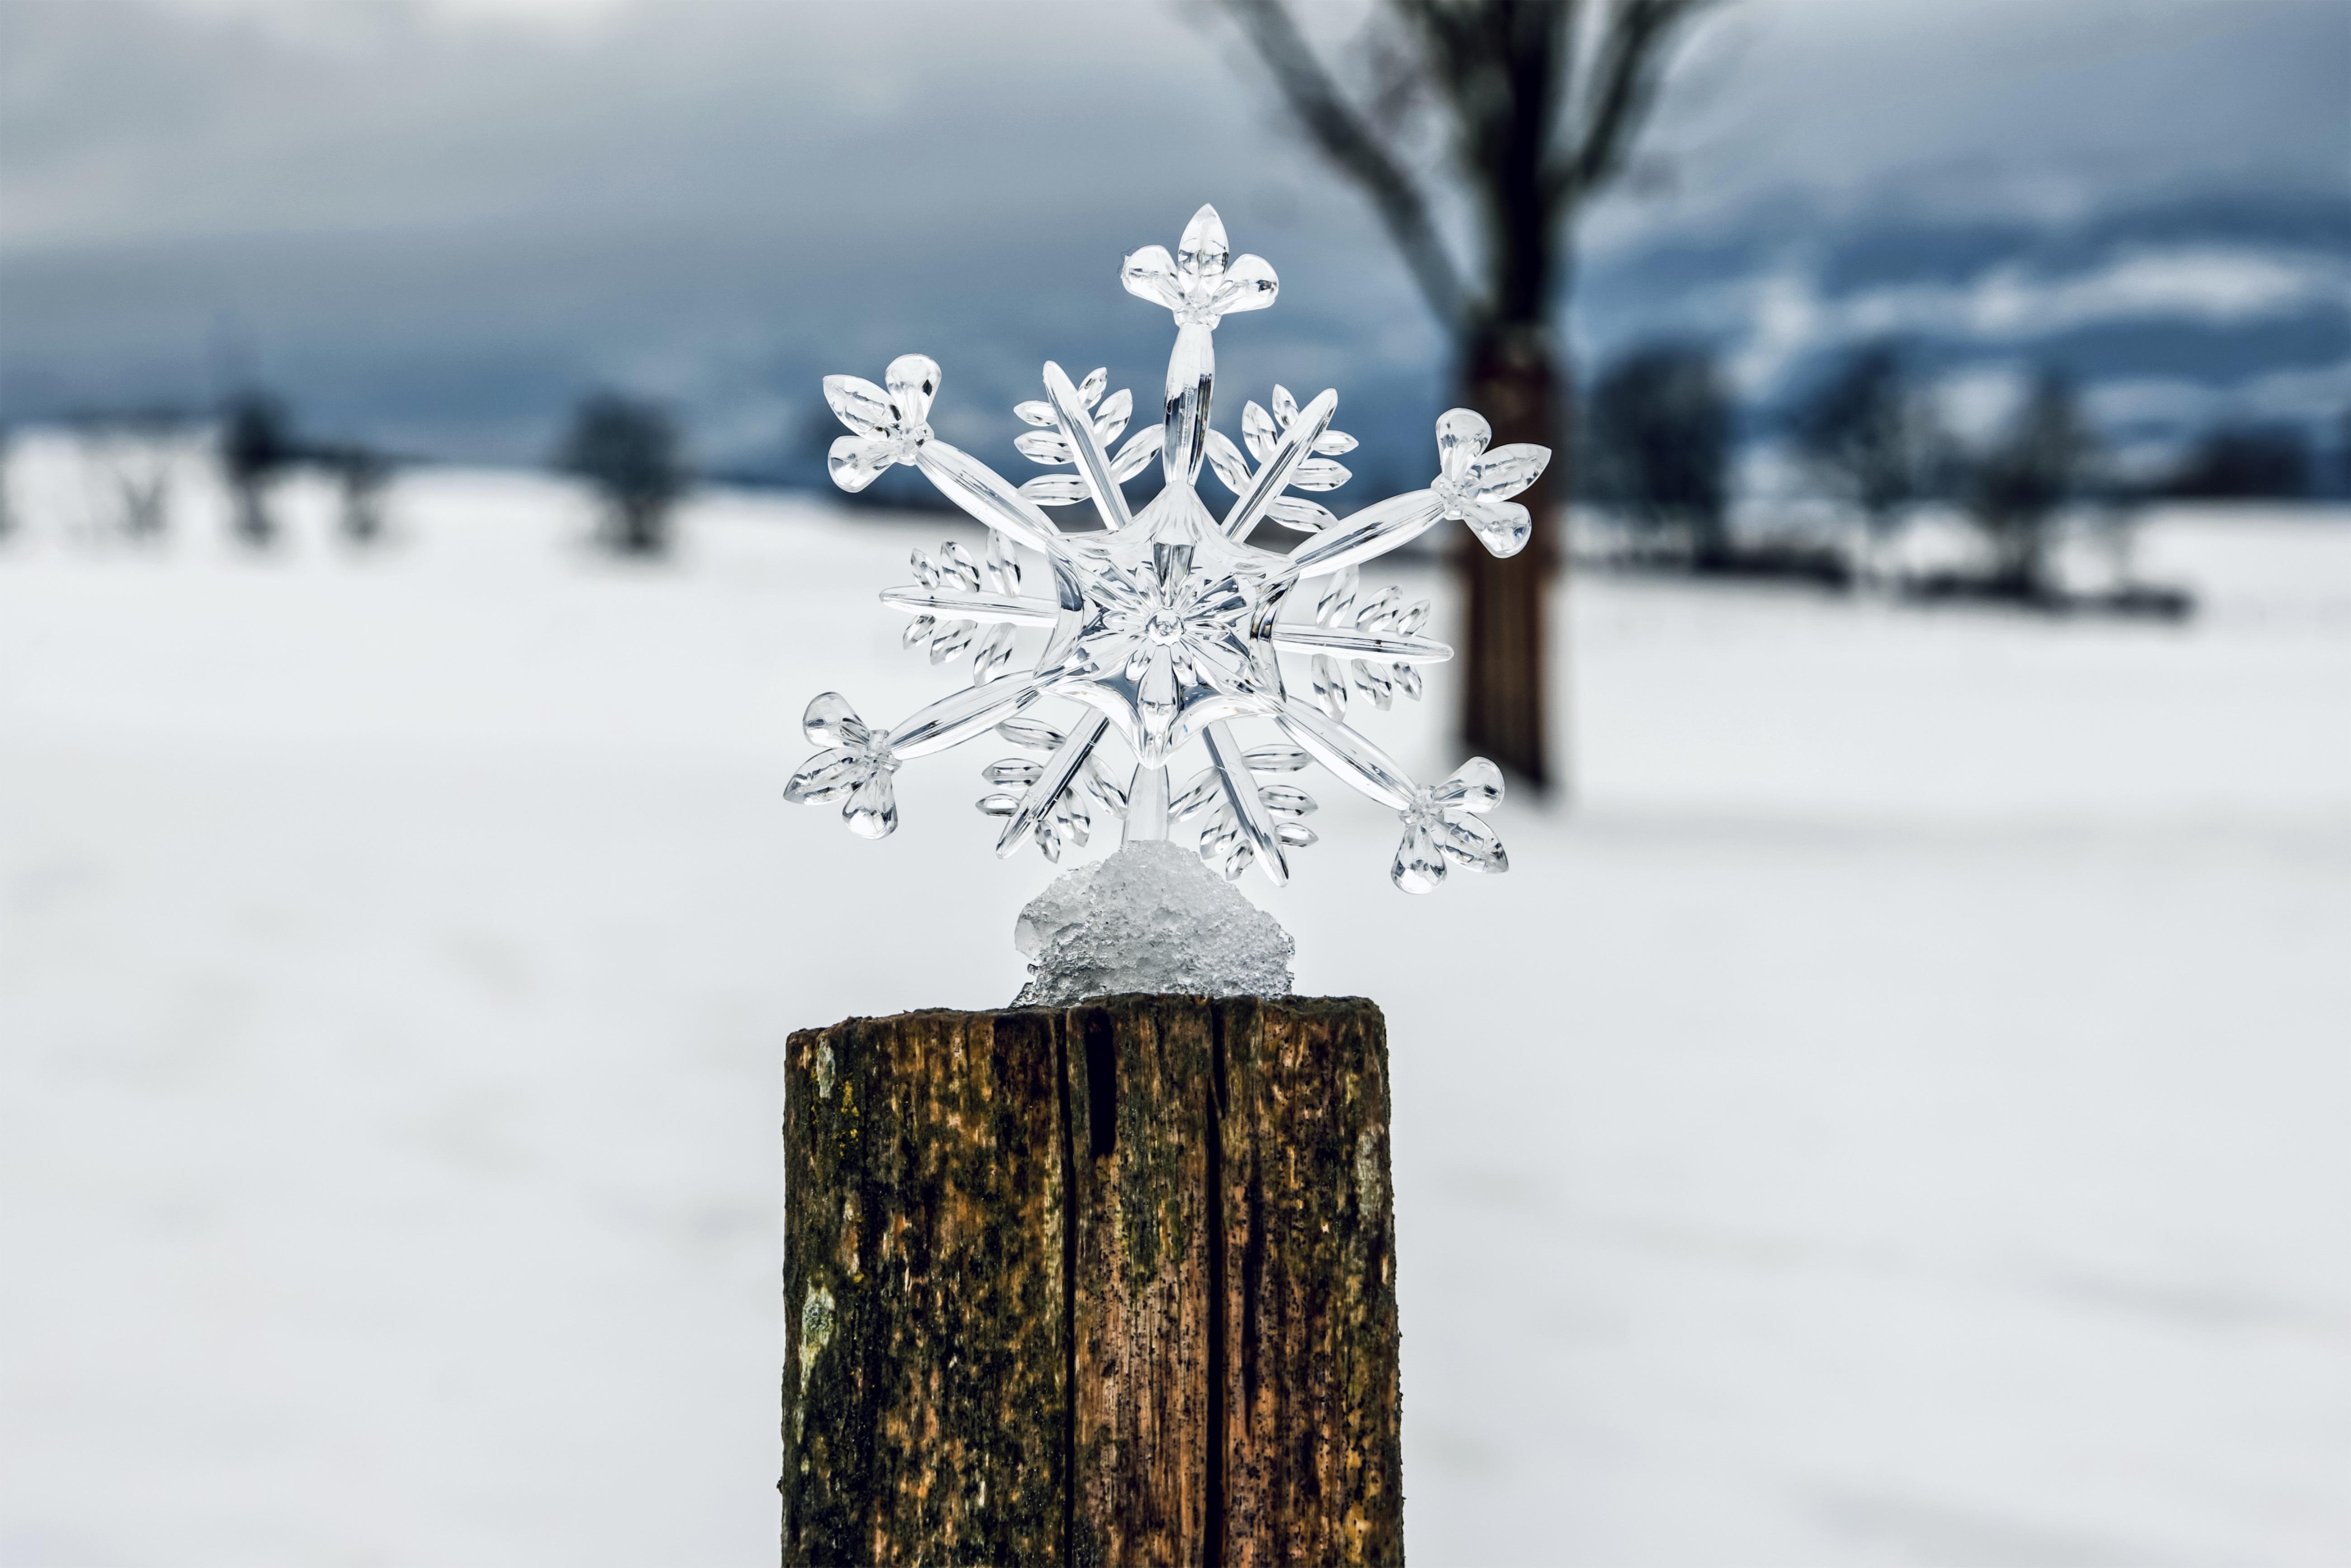 Фото боке Лед Зима Природа снежинка Пень Размытый фон льда зимние Снежинки пне